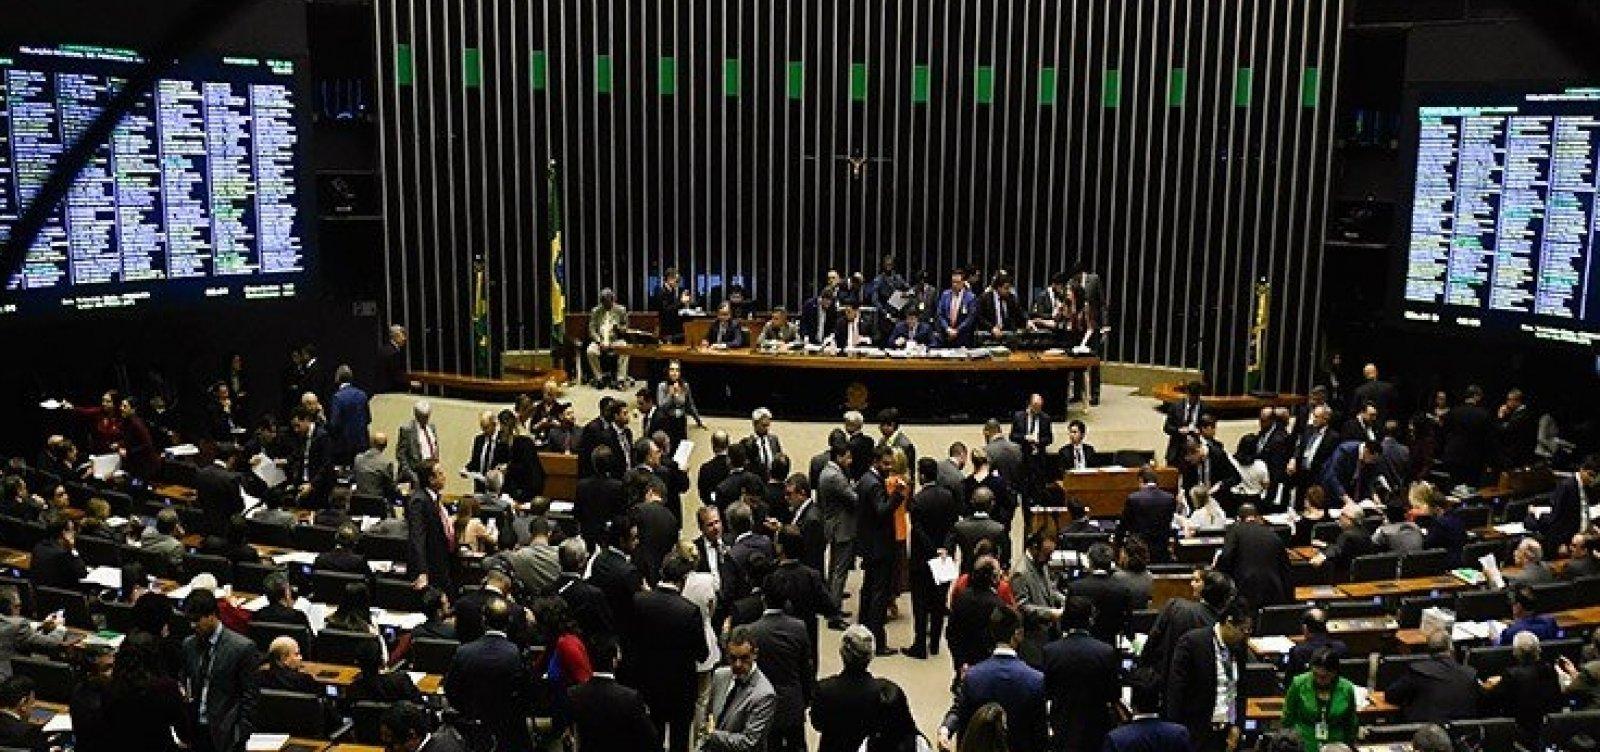 [Congresso decide na terça se governo terá R$ 248 bilhões extras para pagar despesa]